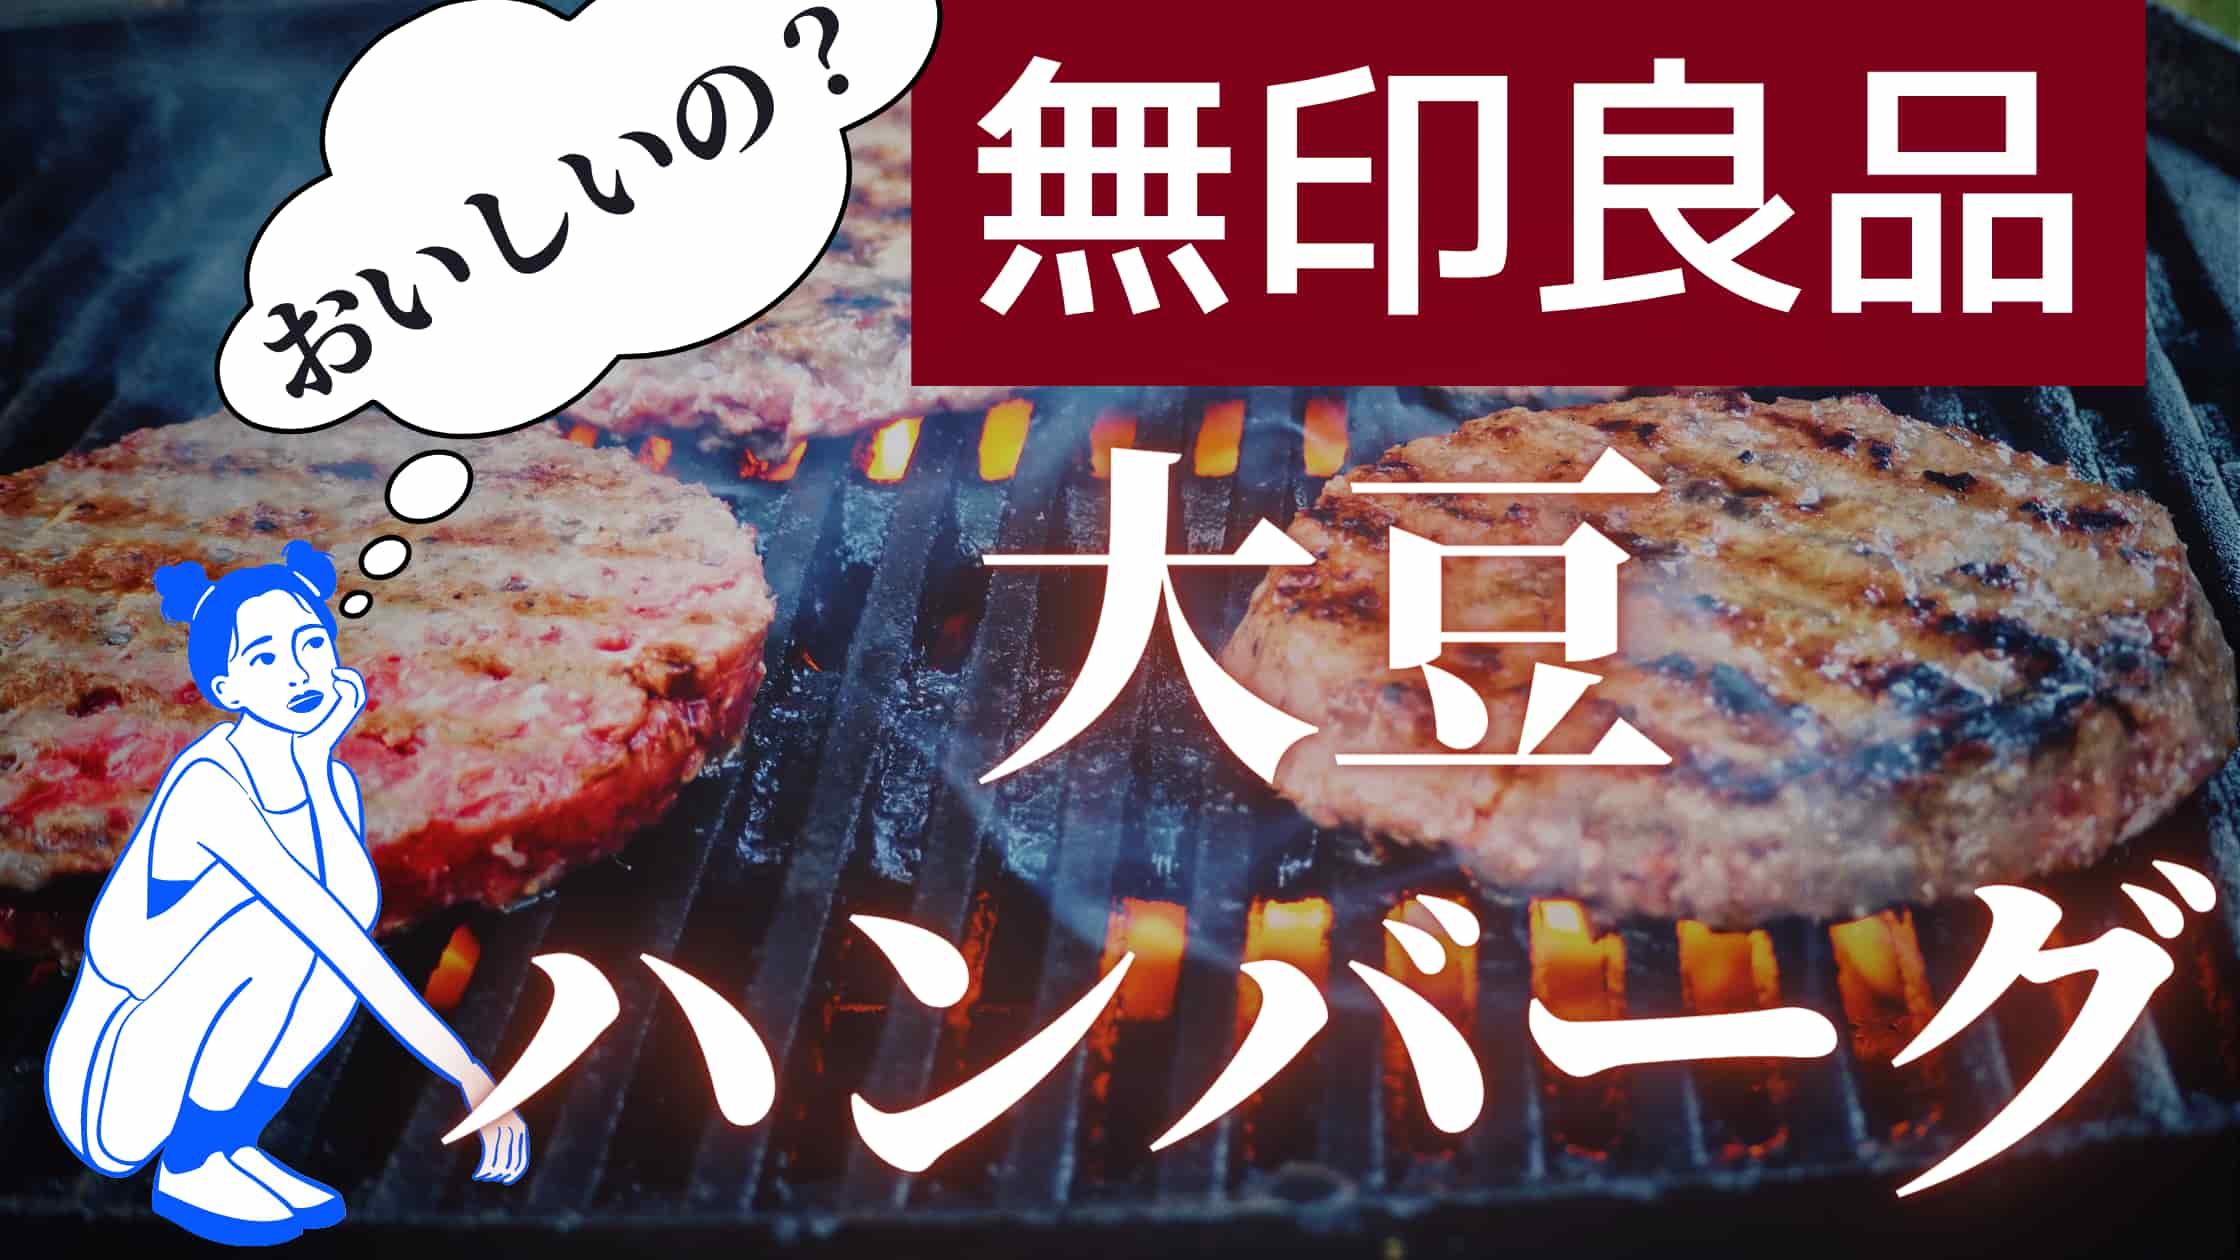 【レビュー】無印良品の大豆ハンバーグ(大豆ミート)を試した感想!